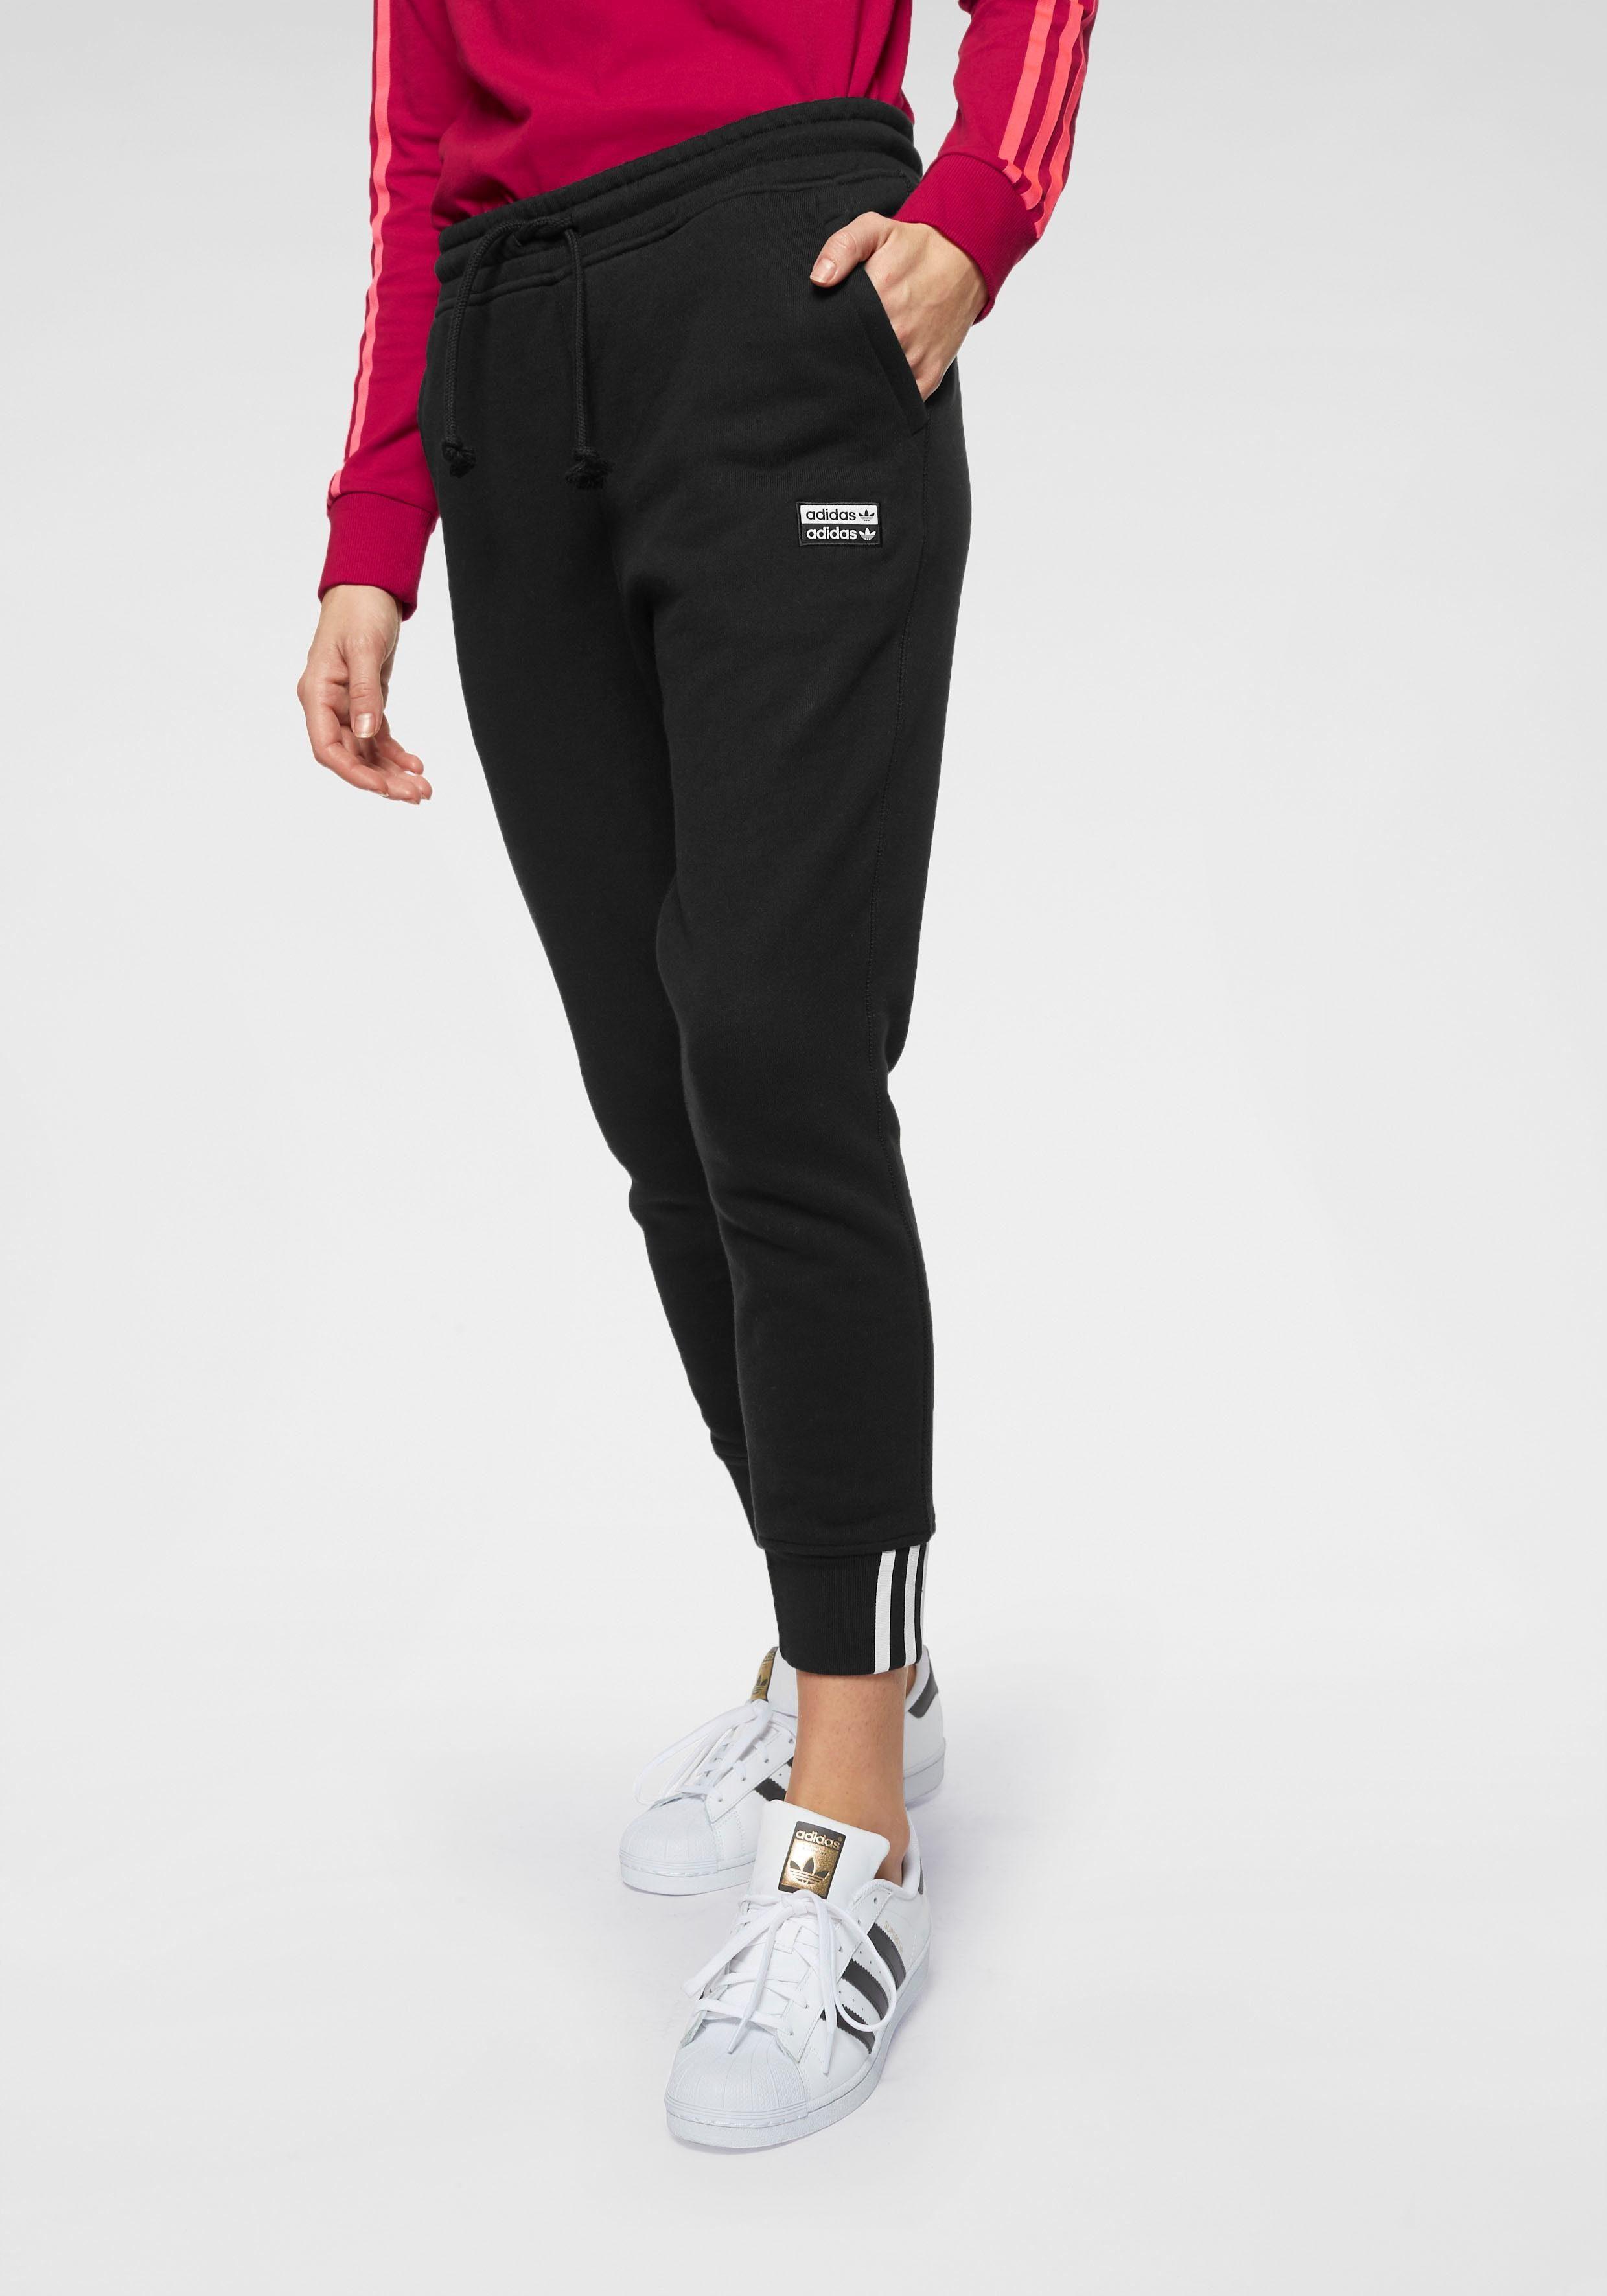 adidas Originals Jogginghose »VOCAL PANT« kaufen | OTTO